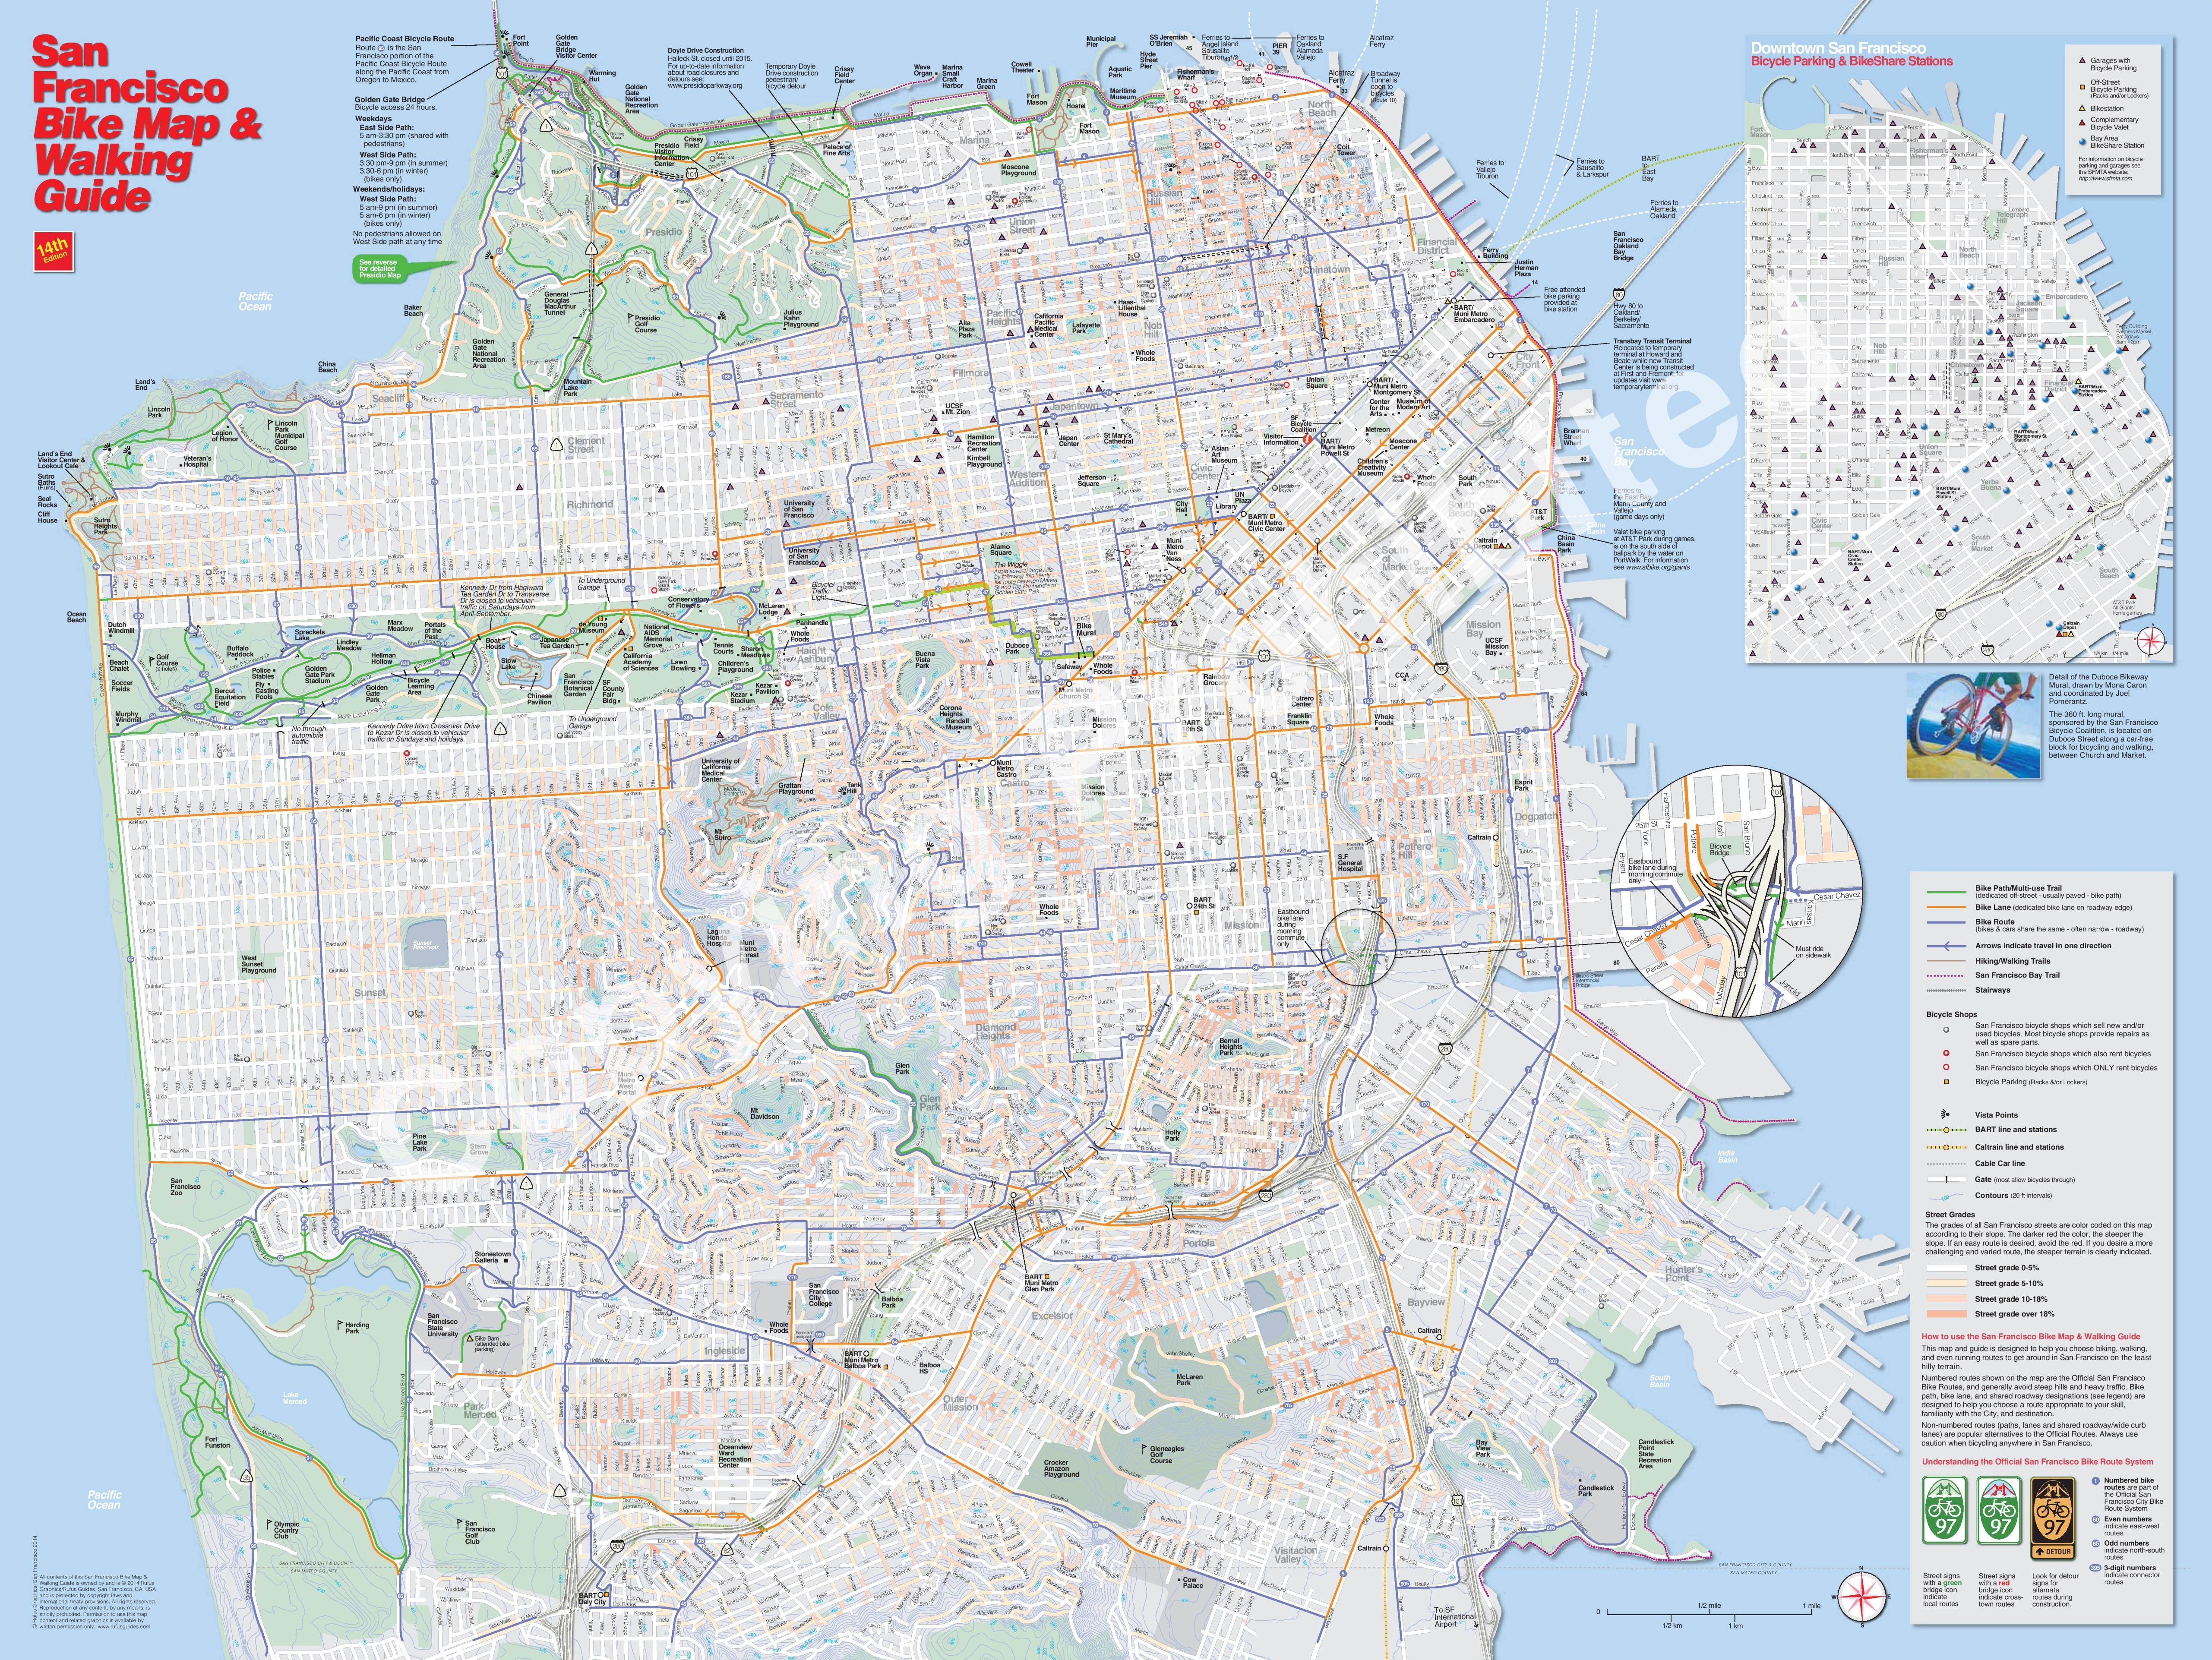 Sf Bike Map San Francisco bike map Sf Bike Map